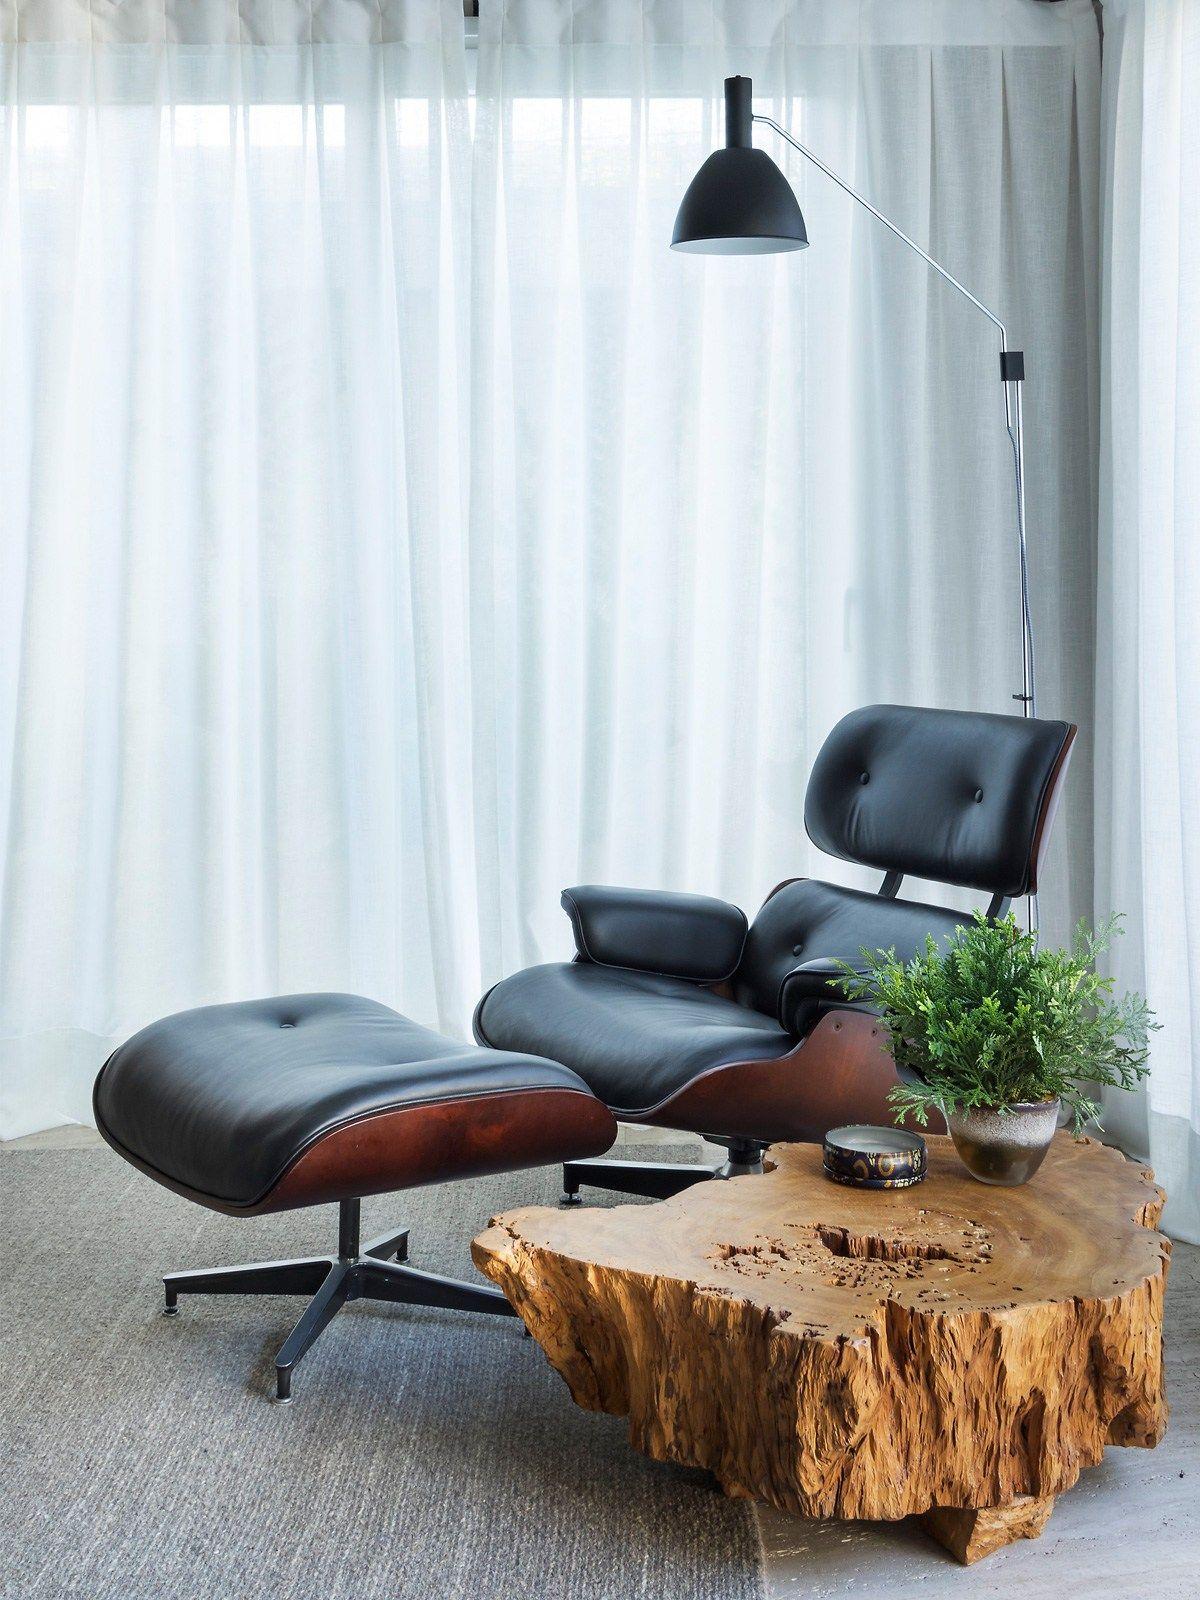 Bauhaus - DesignOrt.com  Led lampen wohnzimmer, Bauhaus, Wohnzimmer